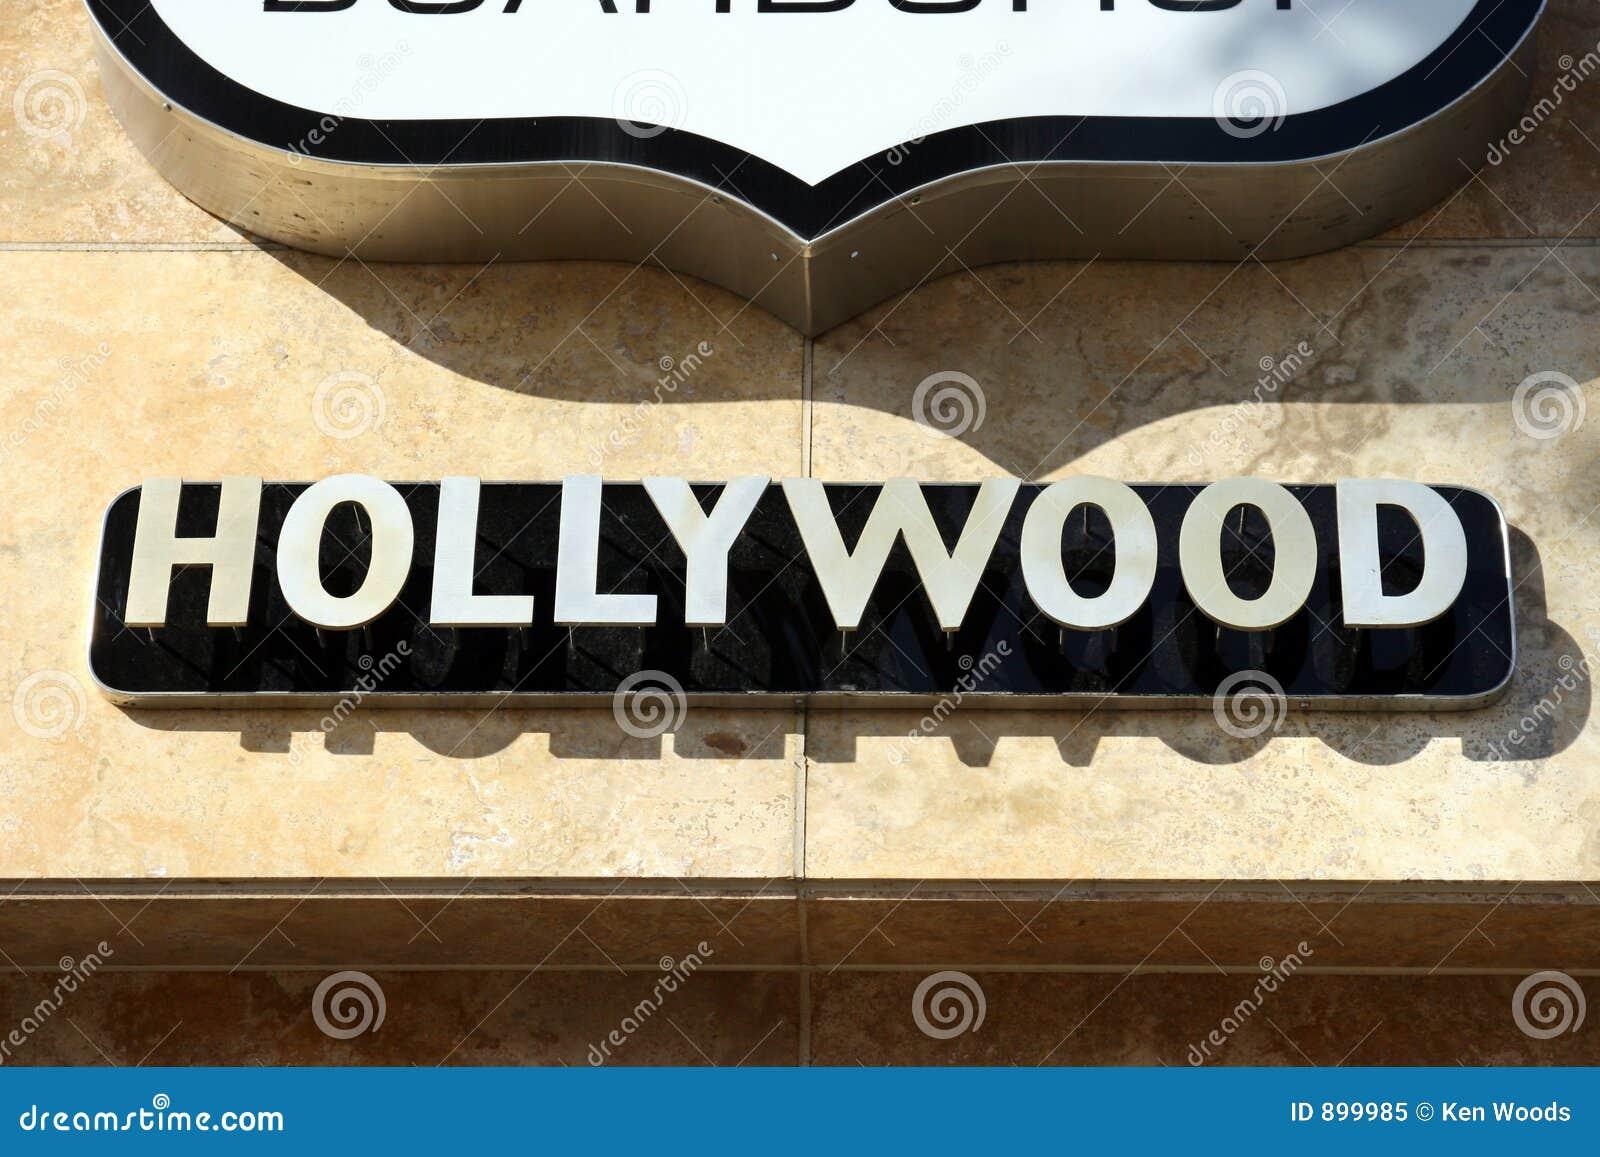 Znak Hollywood budynku.